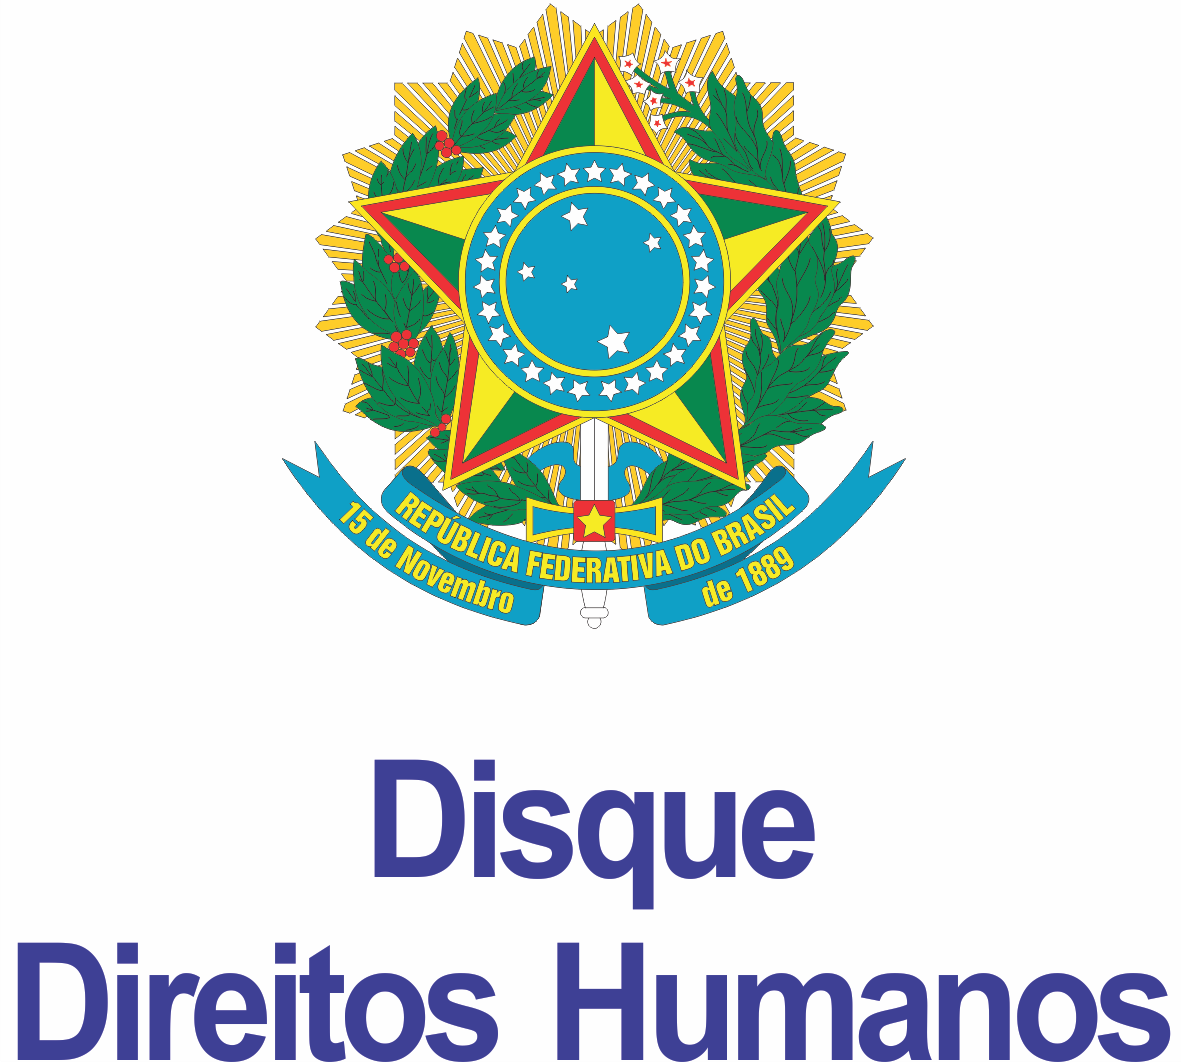 Denuncie as violações de Direitos Humanos - Disque 100